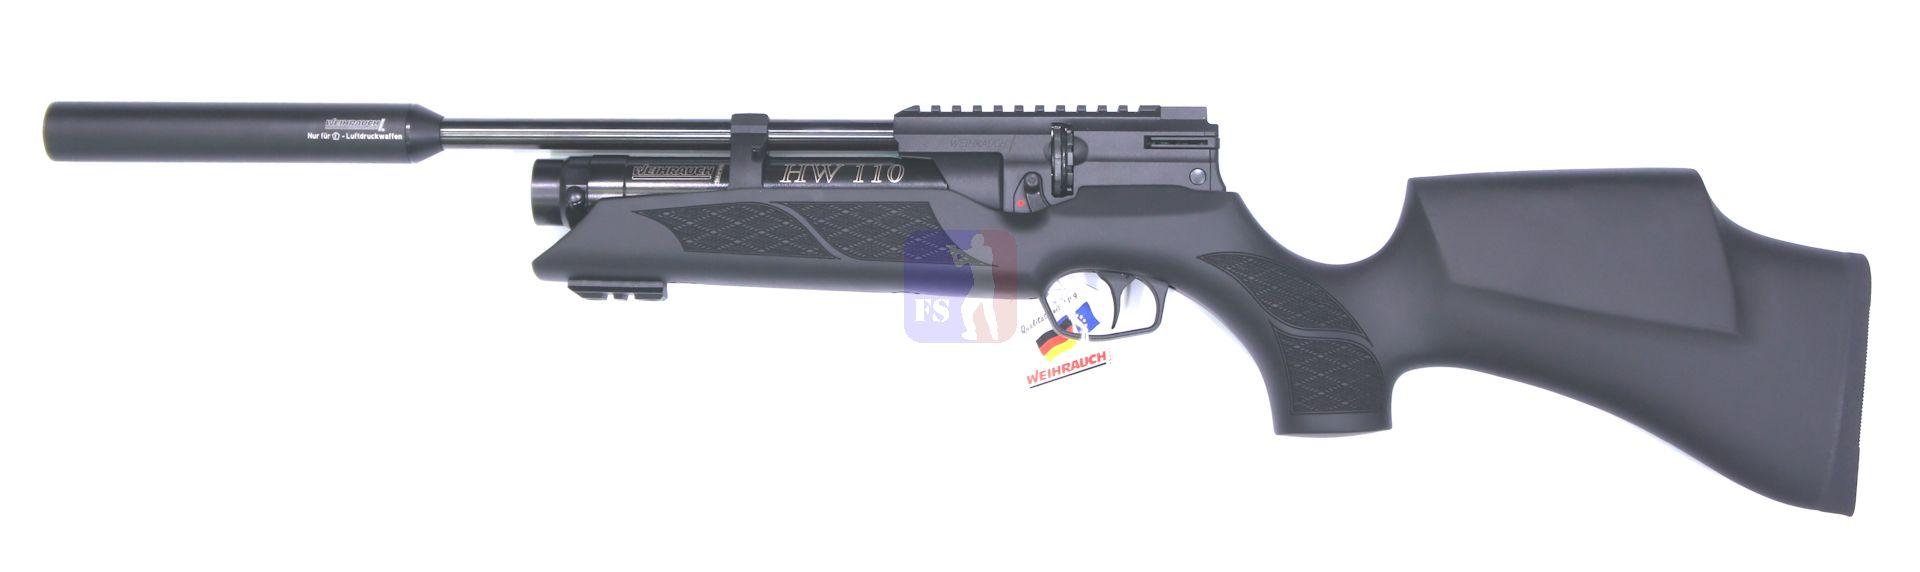 Weihrauch HW 110 ST K (Karbine), F, mit Laufgewinde und Schalldämpfer